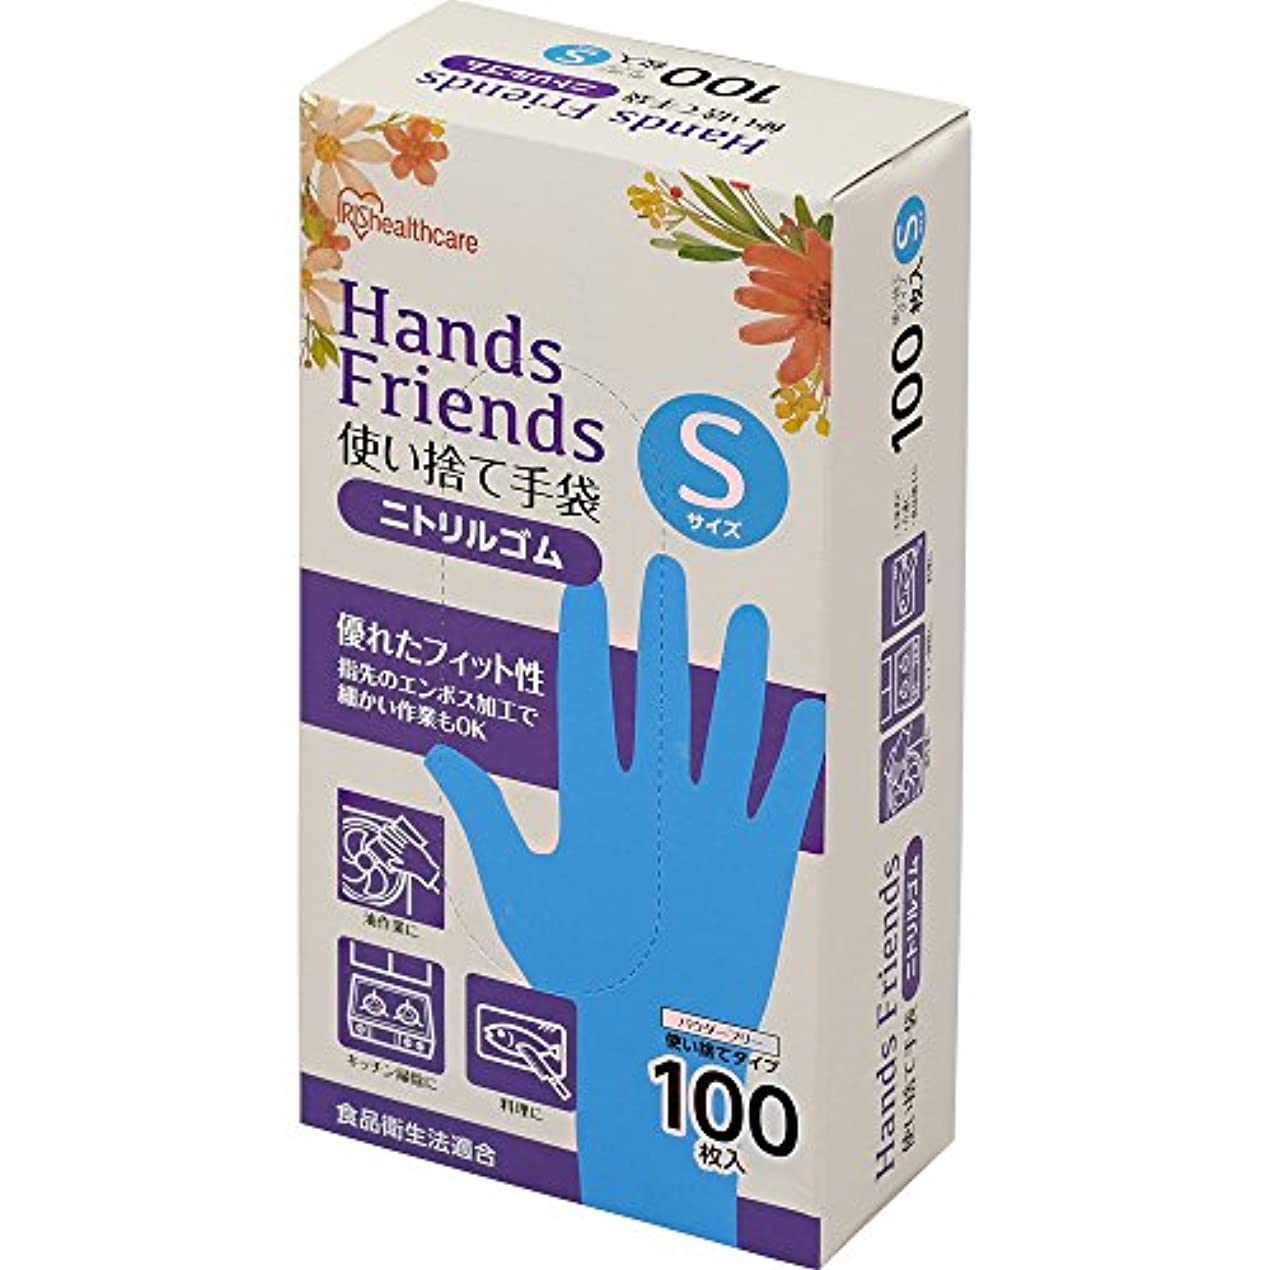 創傷正規化記者使い捨て手袋 ブルー ニトリルゴム 100枚 Sサイズ NBR-100S